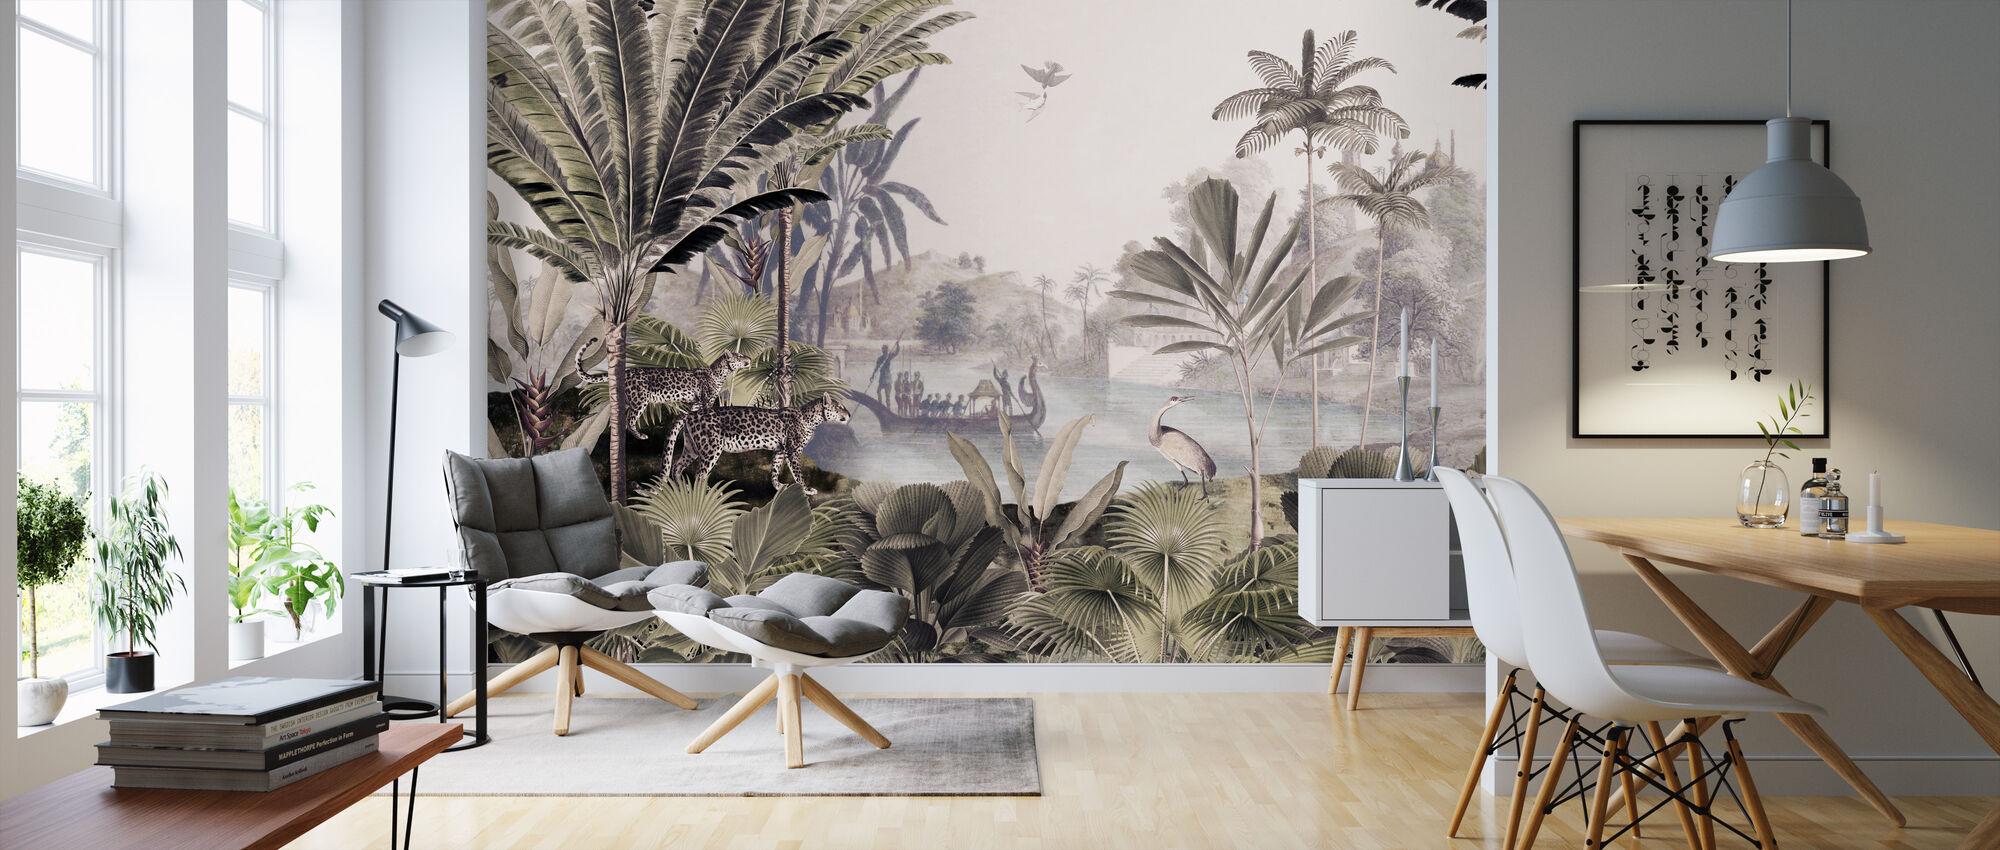 Luipaard landschap - Behang - Woonkamer